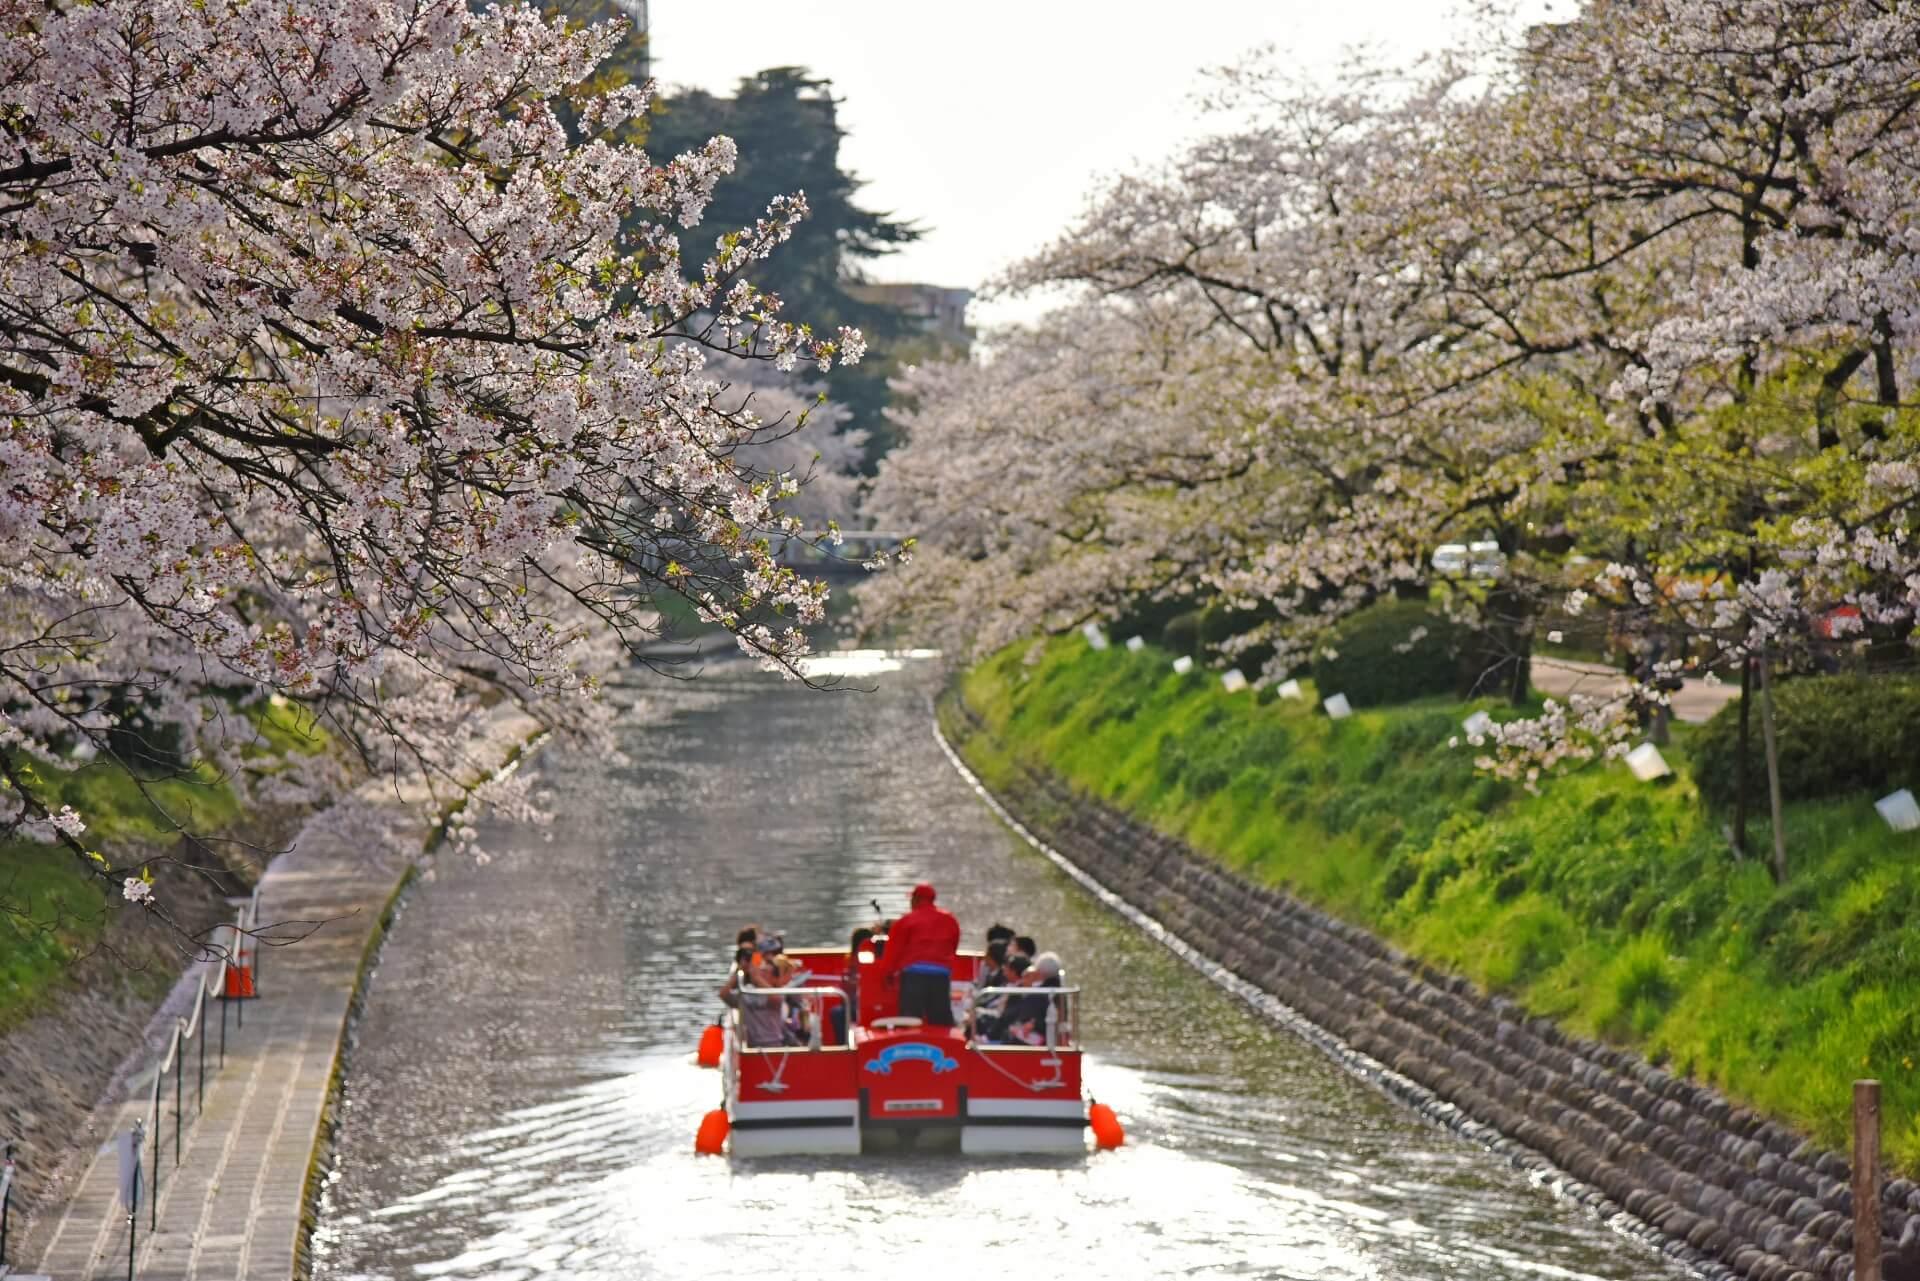 matsukawa-toyama-blossom